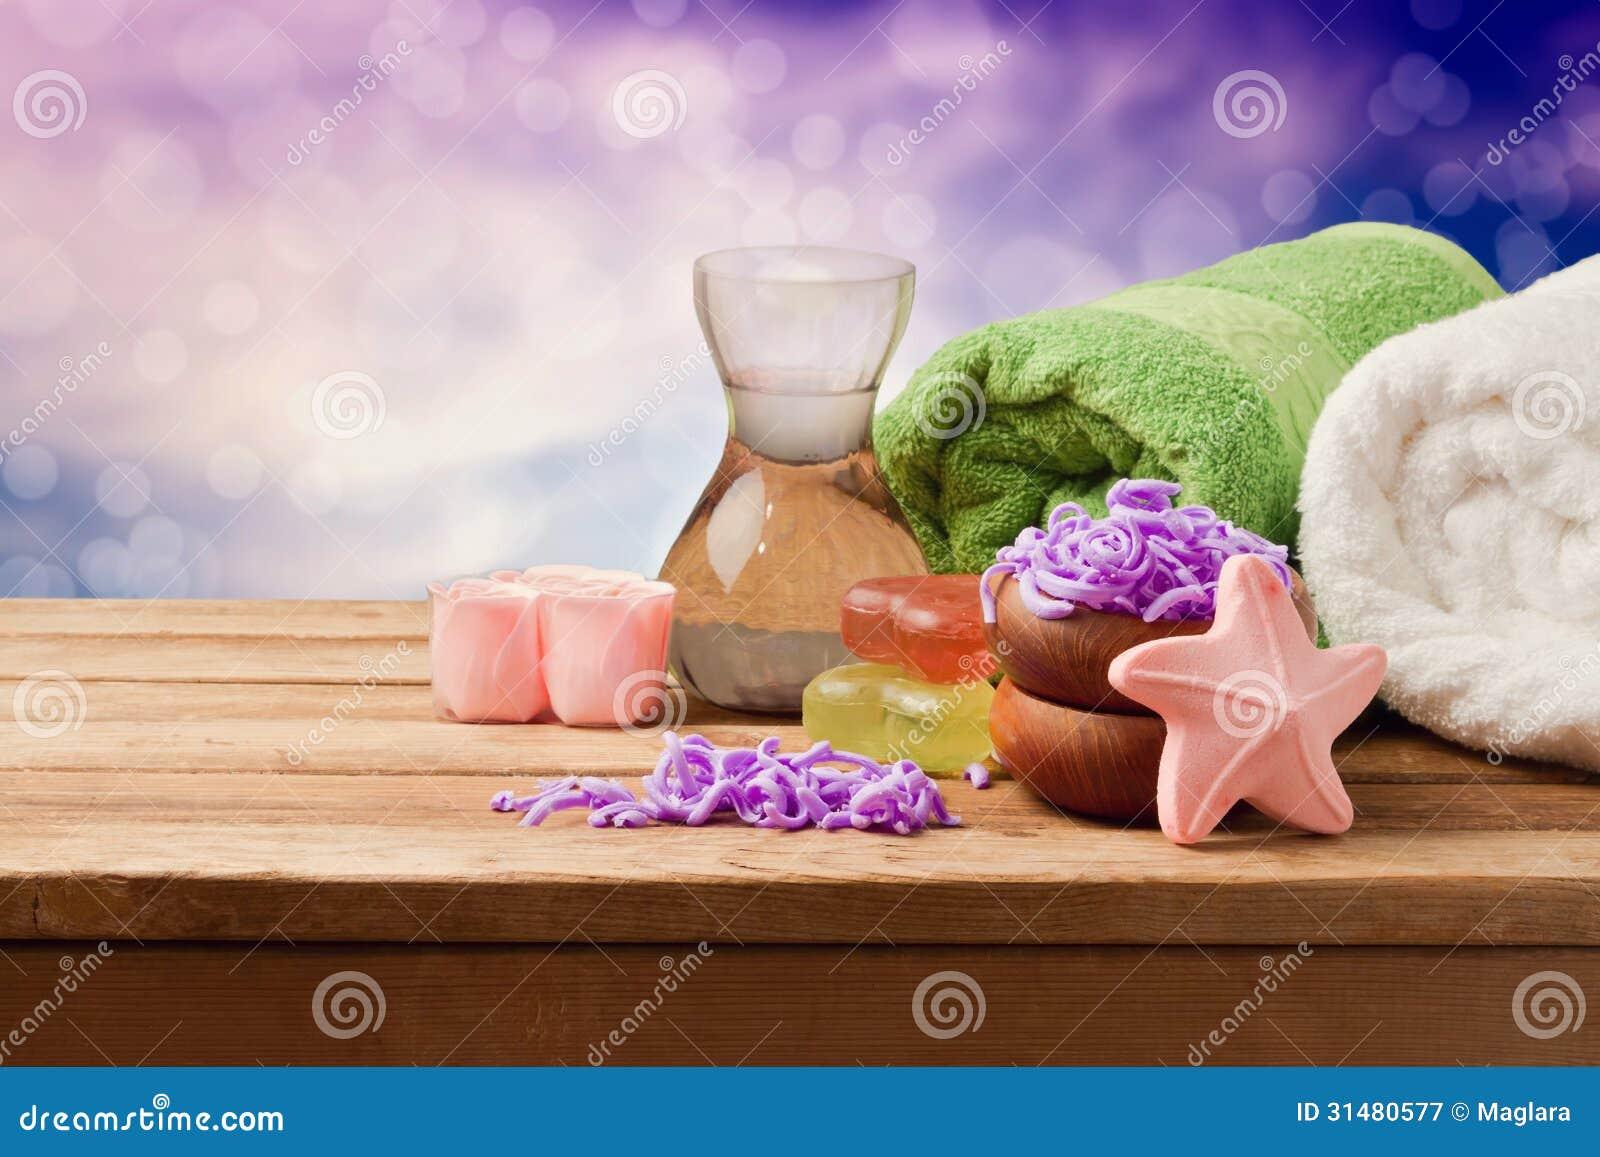 Zdroju położenie z mydłem i ręcznikami na drewnianym stole nad bokeh tłem